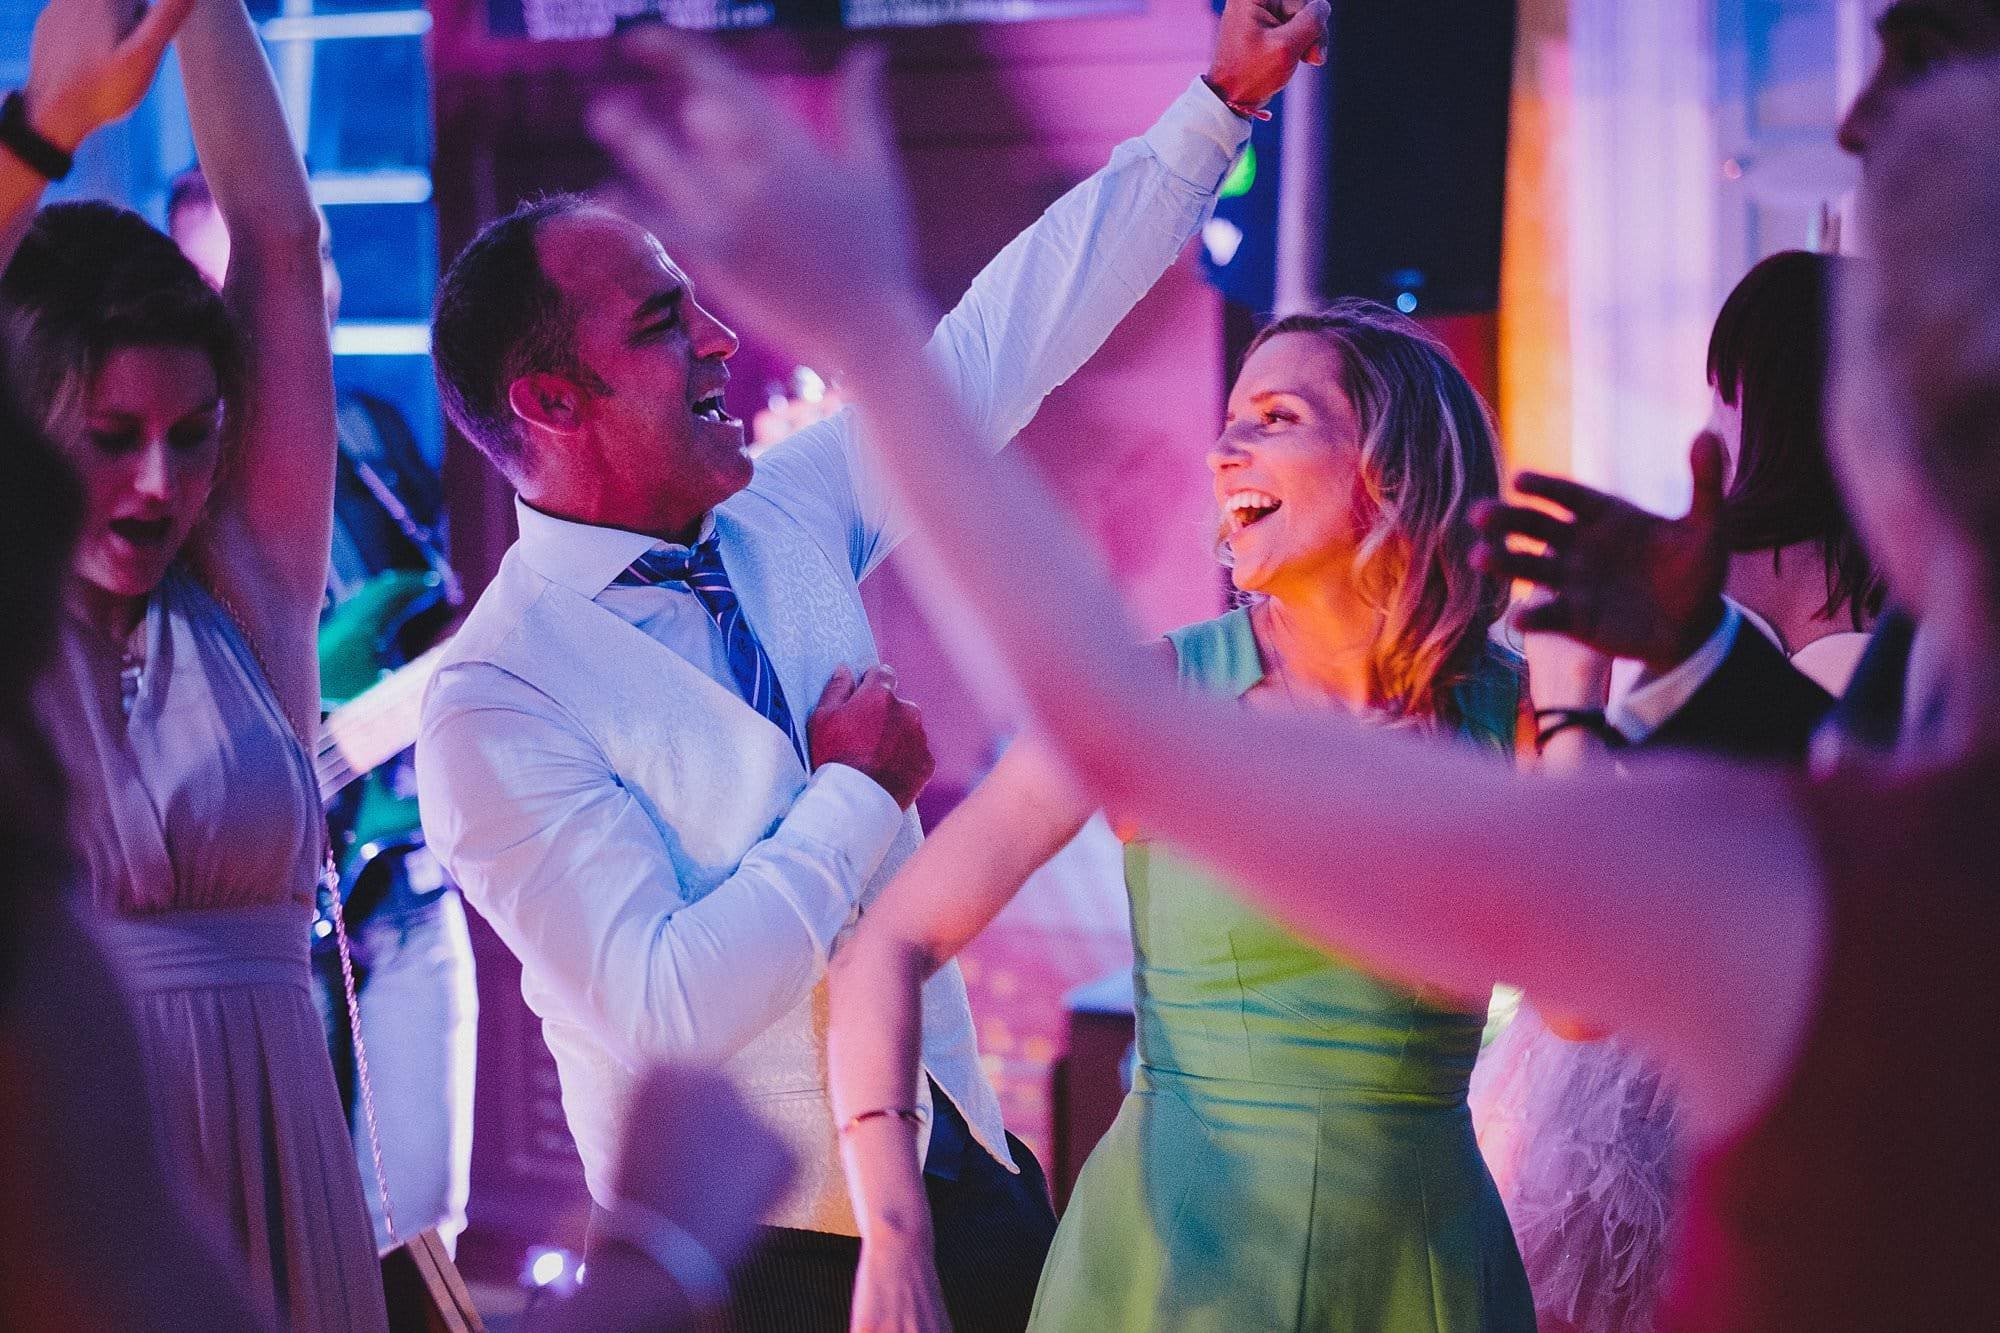 fulham palace wedding photographer 096 - Rosanna & Duncan's Fulham Palace Wedding